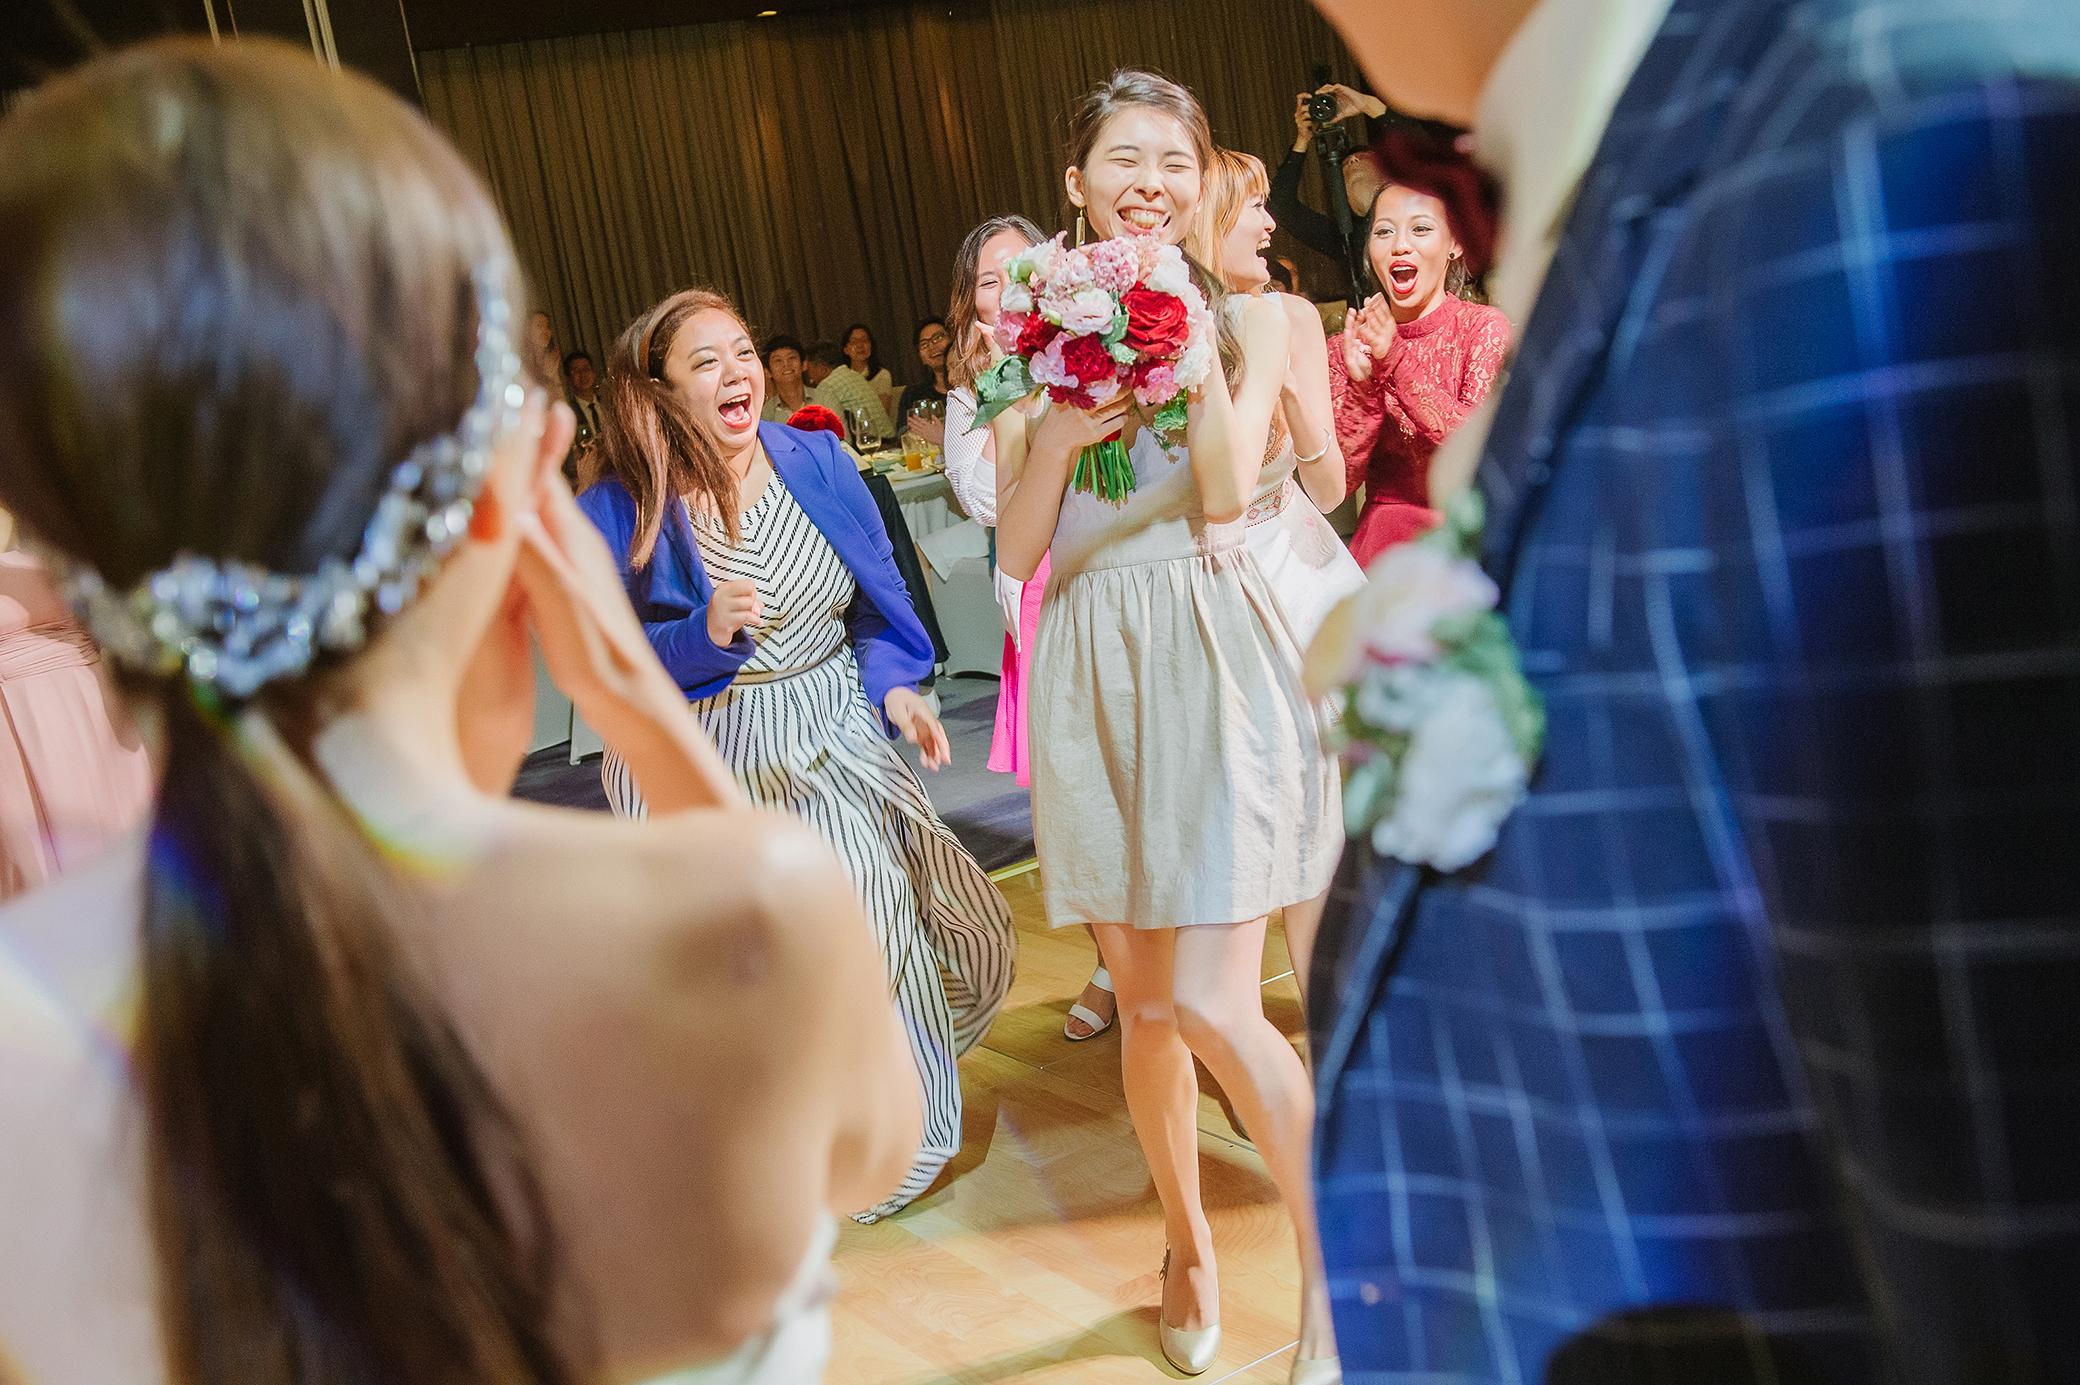 nickchang-wedding-%e5%af%92%e8%88%8d%e8%89%be%e9%ba%97-fineart-64